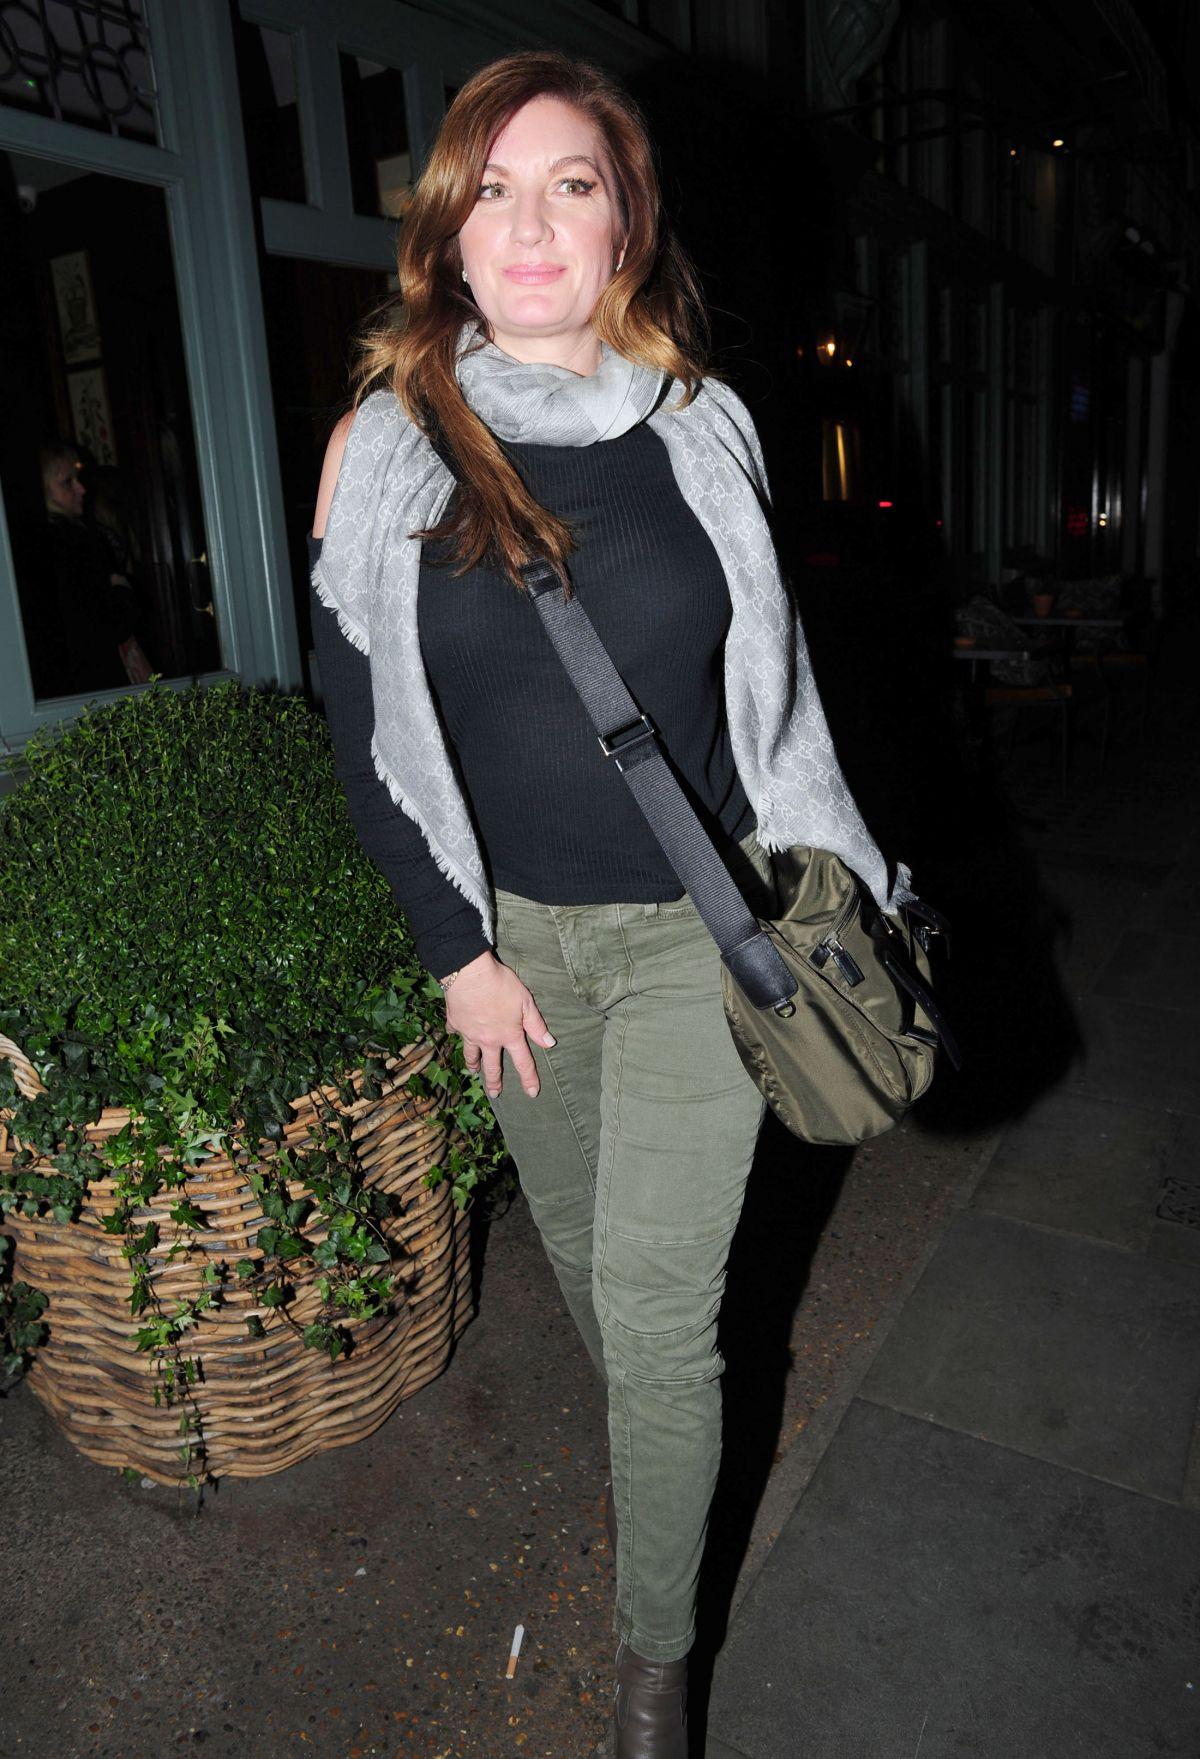 KARREN BRADY at Ivy Garden Restaurant in Chelsea 01/28/2016